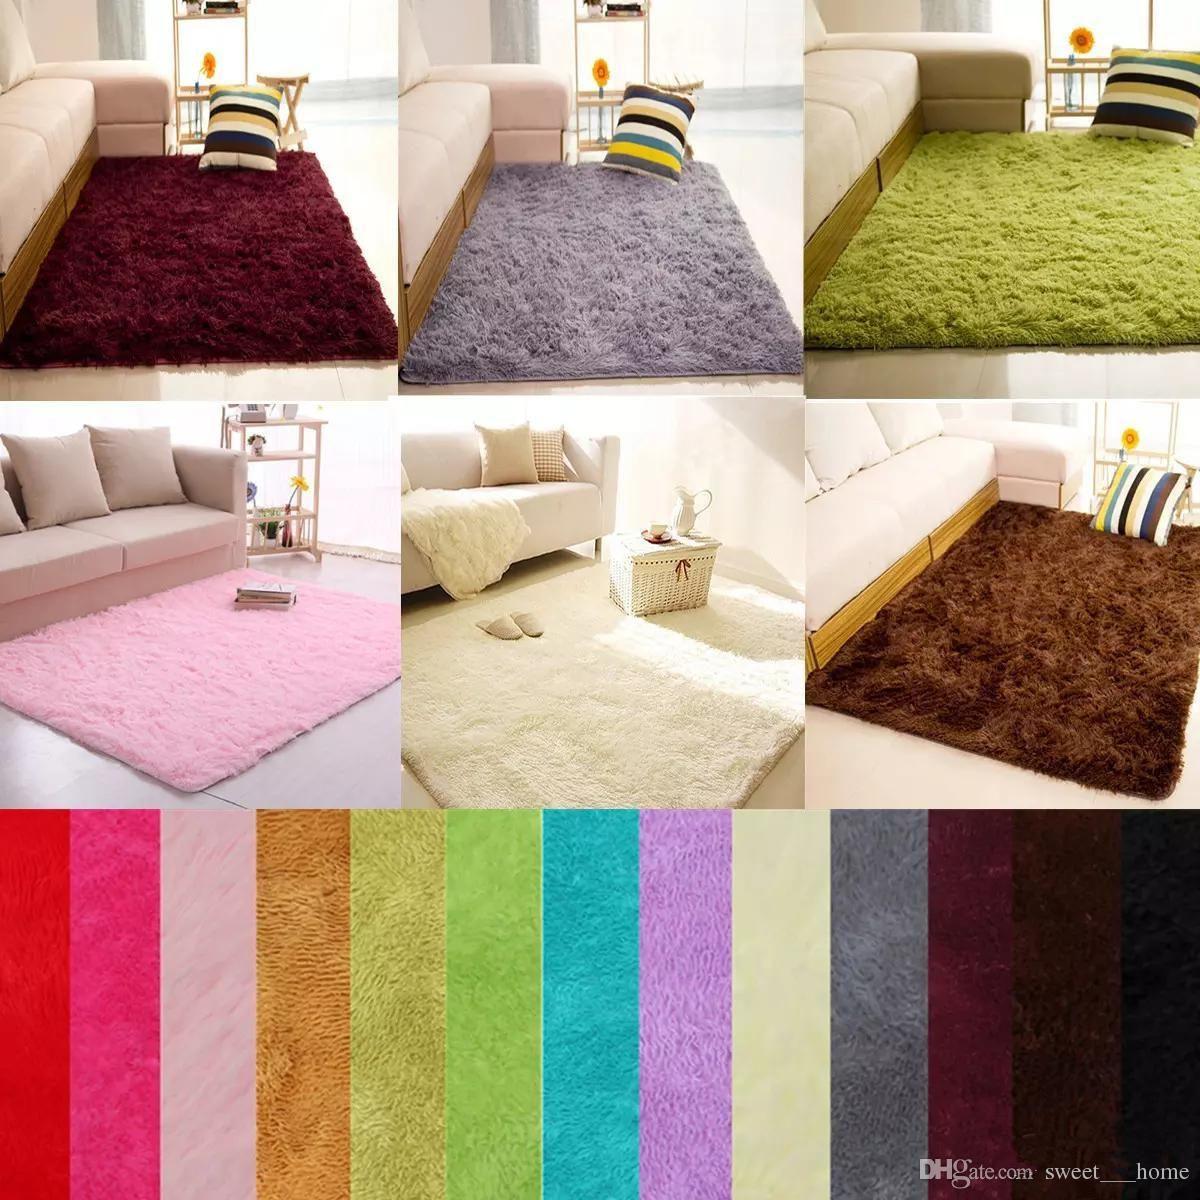 Großhandel Weiche Flauschige Teppiche Anti Rutsch Zottigen Bereich Teppich  Esszimmer Schlafzimmer Teppich Von Beautiful__home, $5.74 Auf De.Dhgate.